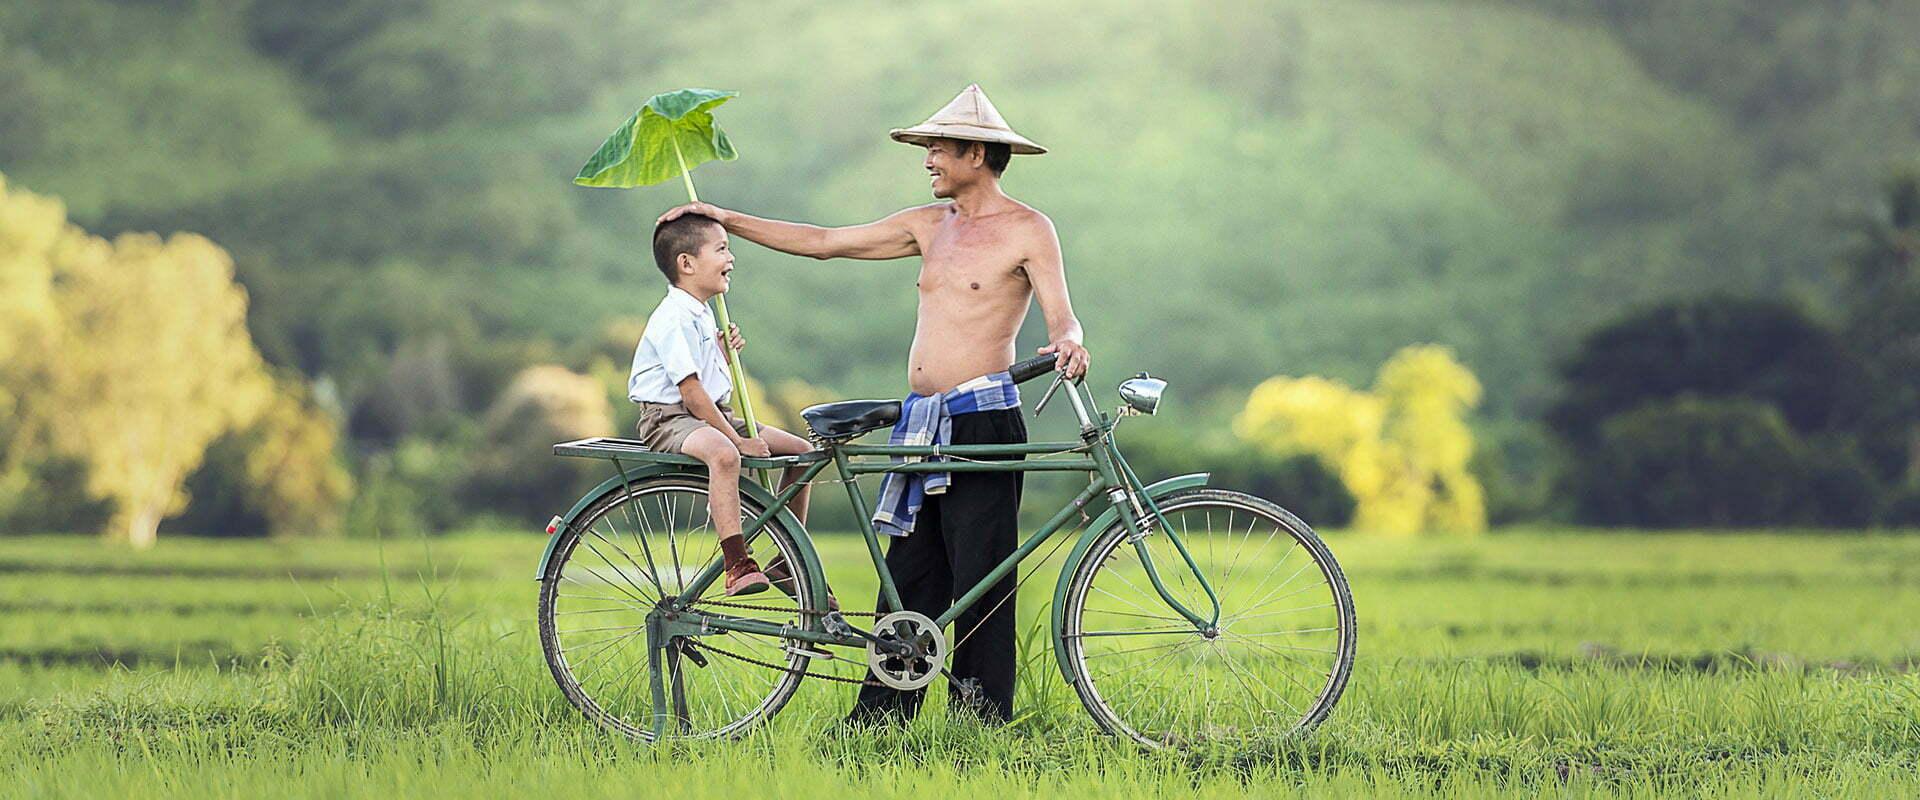 père et son fils à vélo dans la campagne, Cambodge